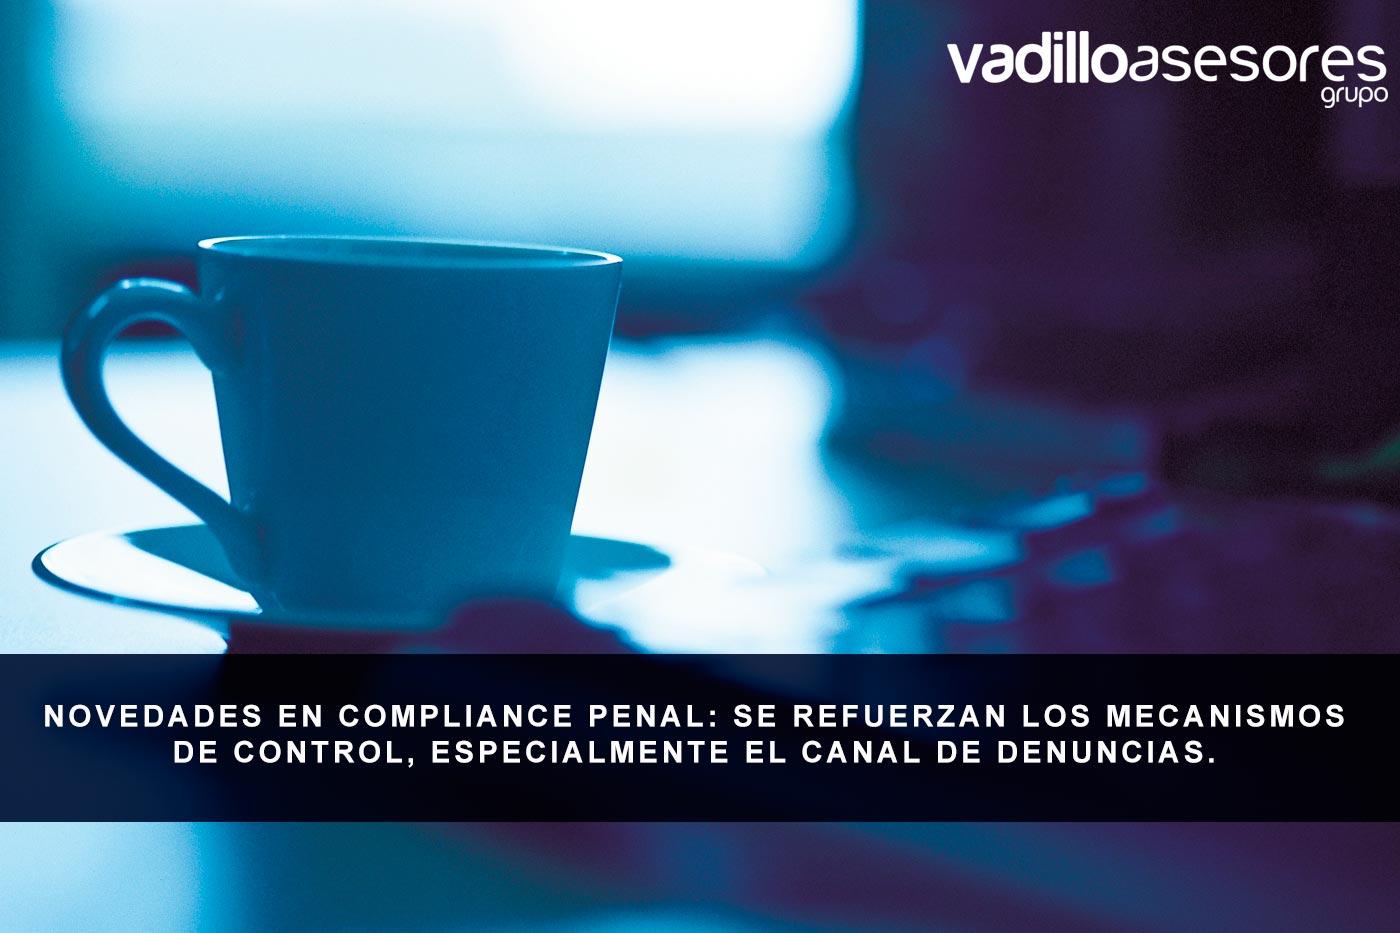 Novedades en compliance penal: se refuerzan los mecanismos de control, especialmente el canal de denuncias